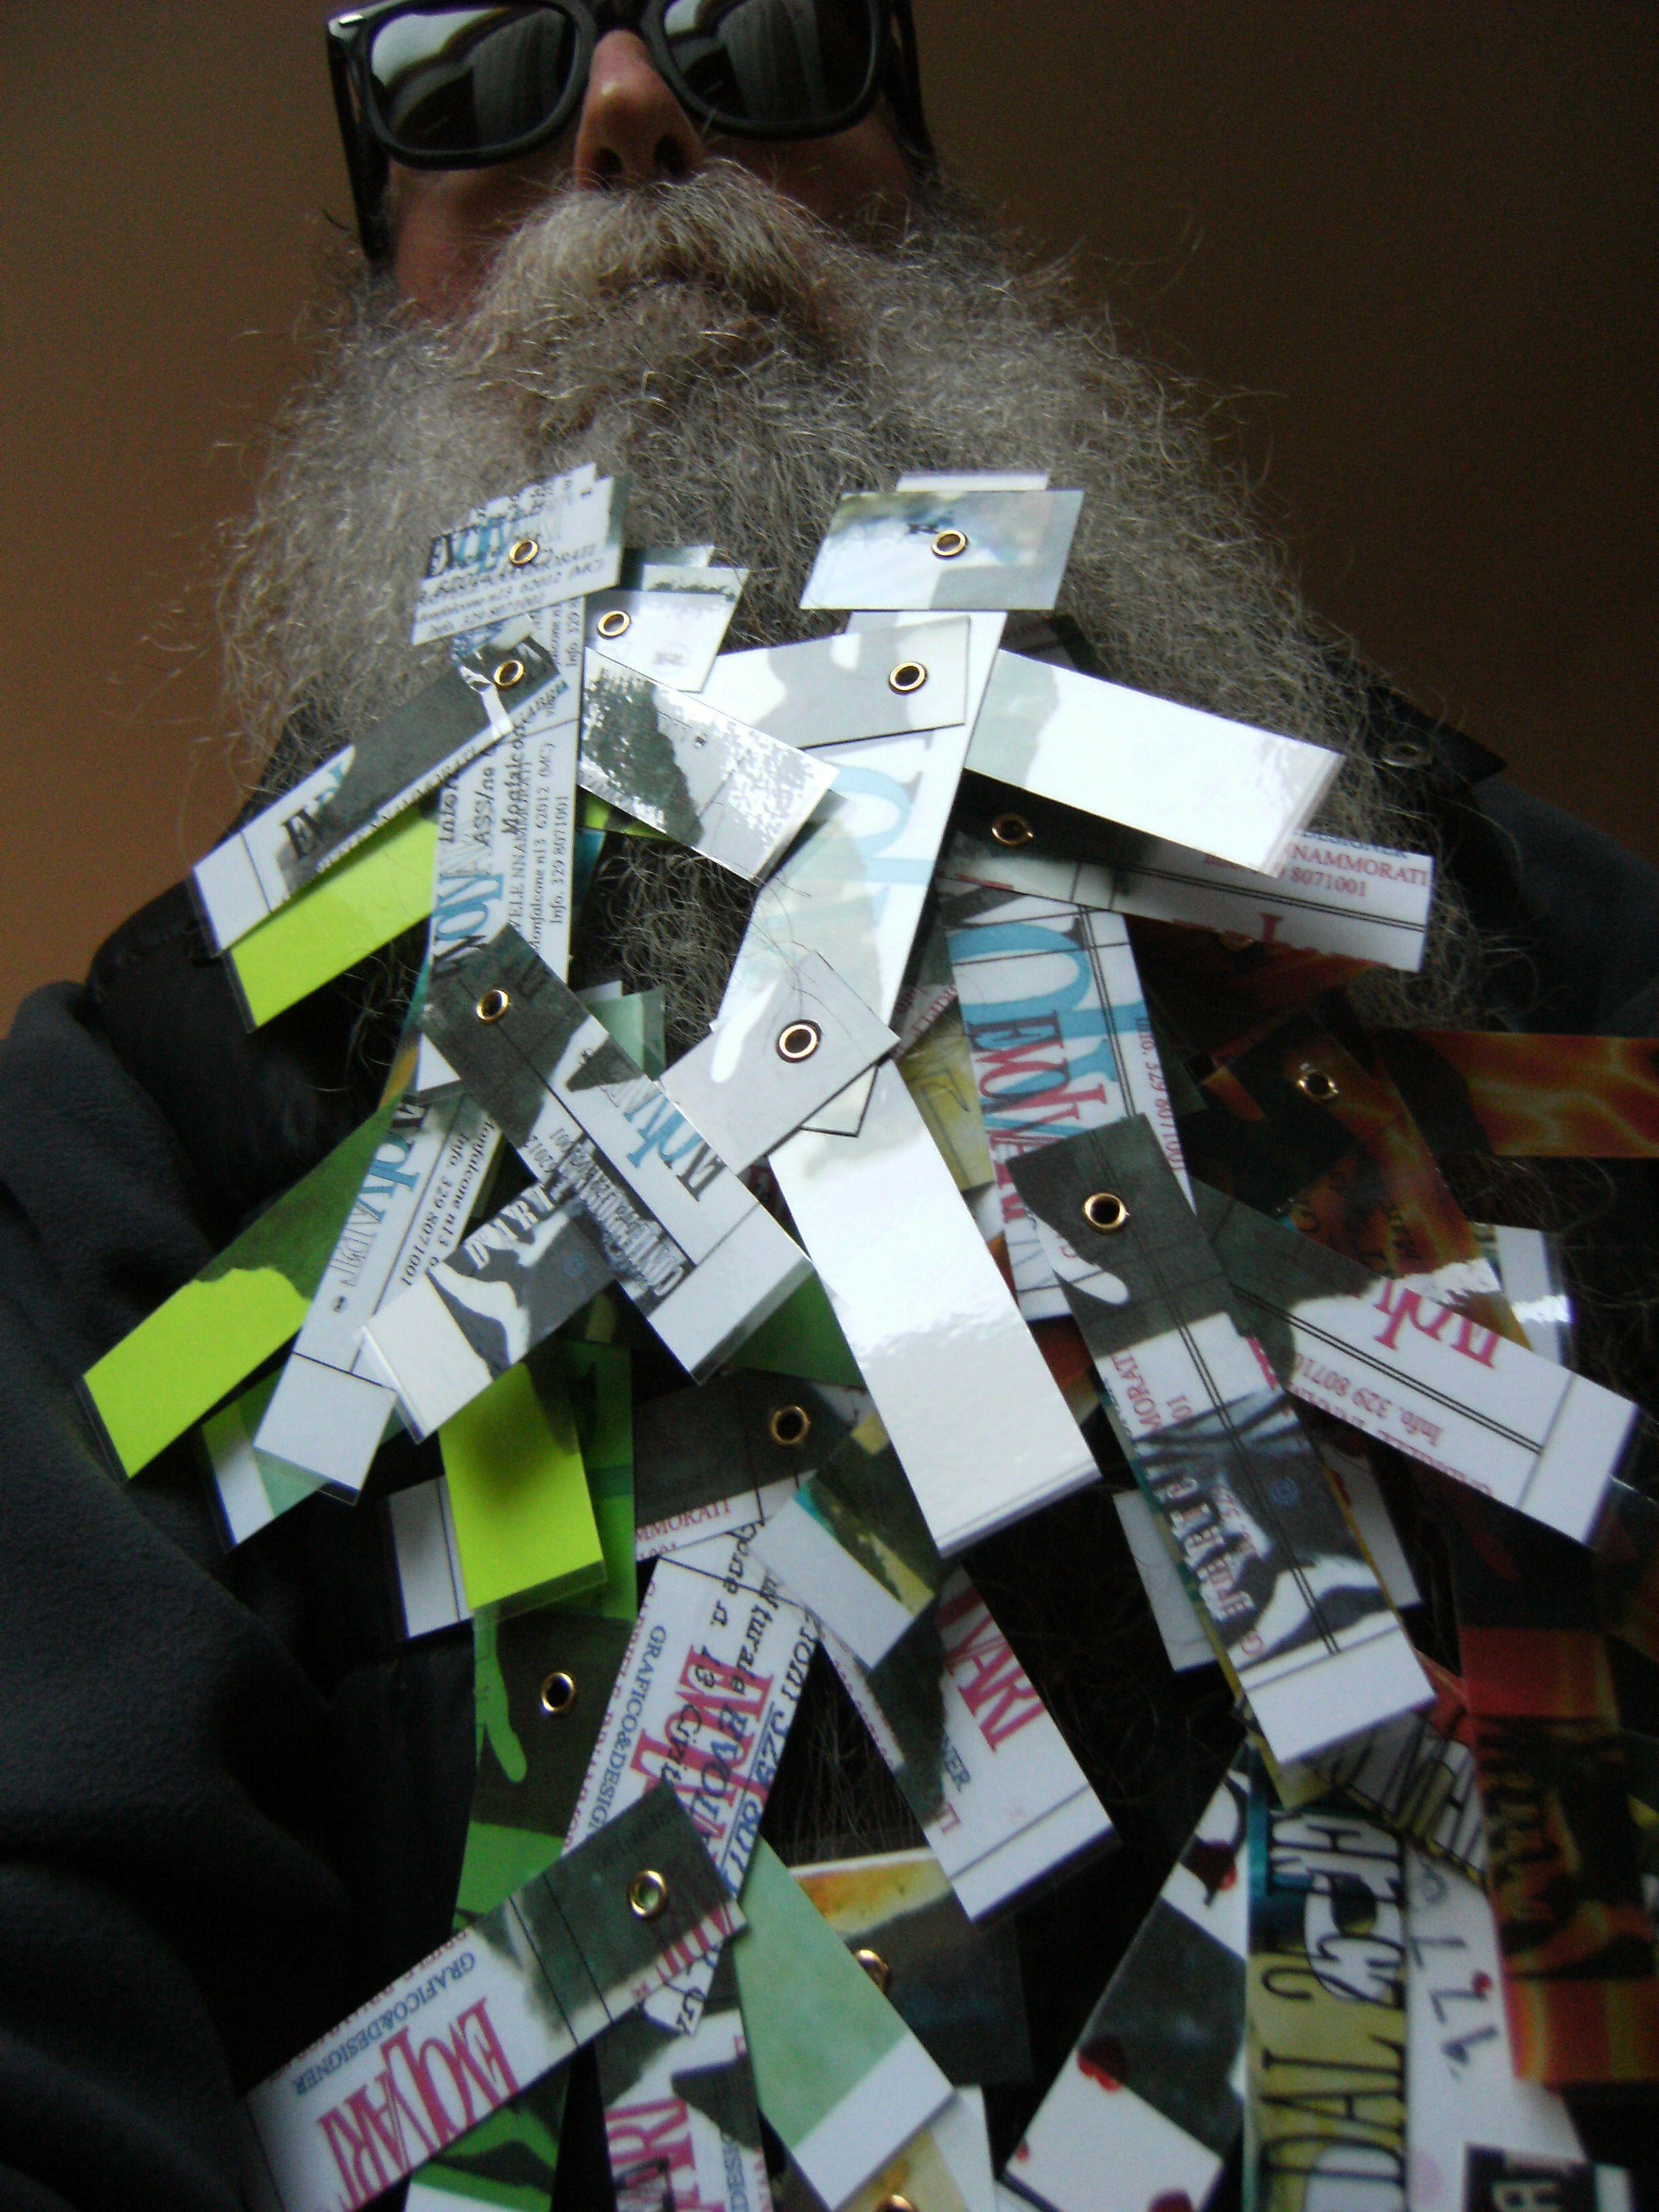 BEARD GALLERY - Opere di Gabriele Innammorati installate sulla mia barba (Galleria Pensile)